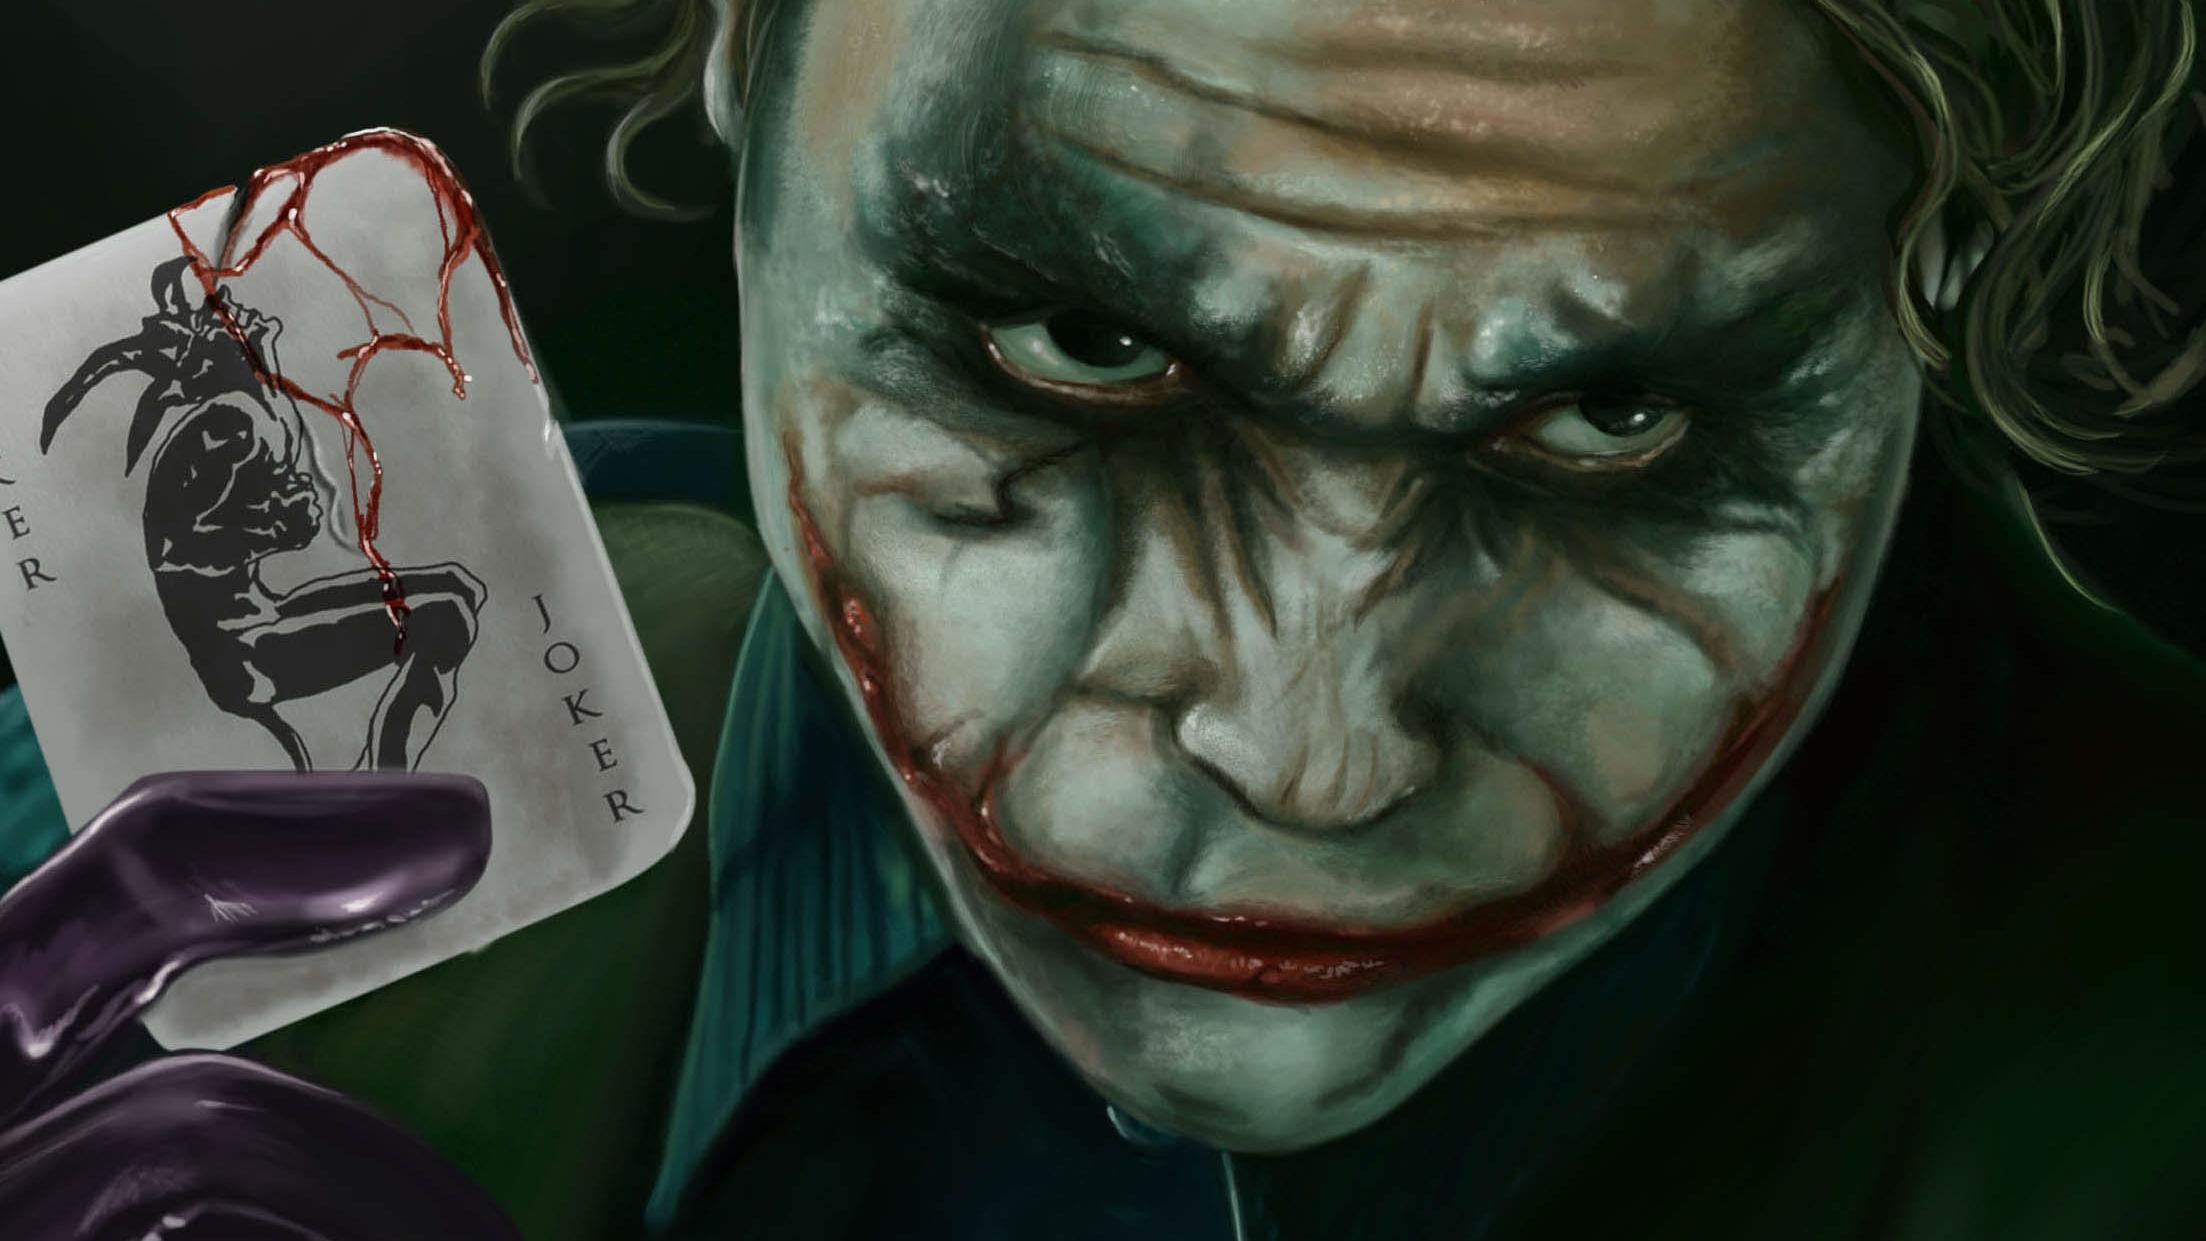 Halloween Joker Card.Joker Card Art Hd Superheroes 4k Wallpapers Images Backgrounds